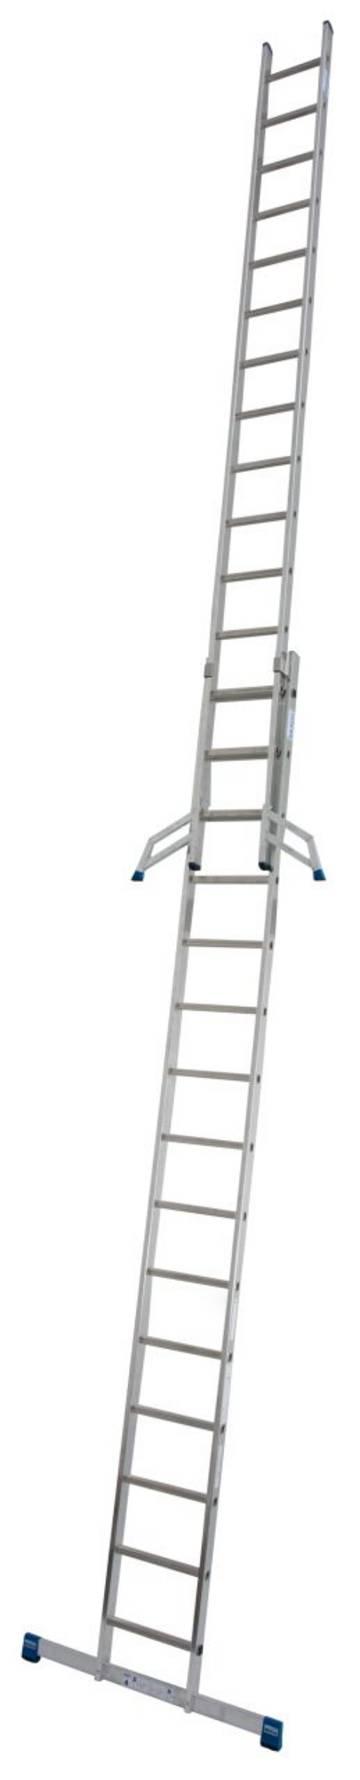 Die stabile zweiteilige Schiebeleiter für den professionellen Einsatz.